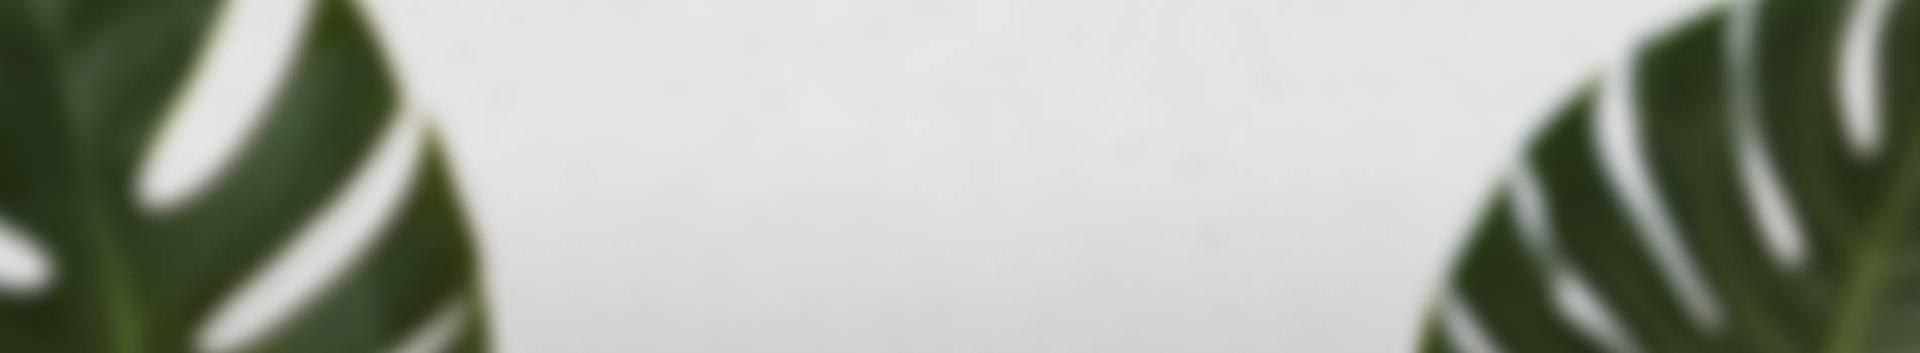 16291_puittoodete-tootmine_20804511_xl.jpg